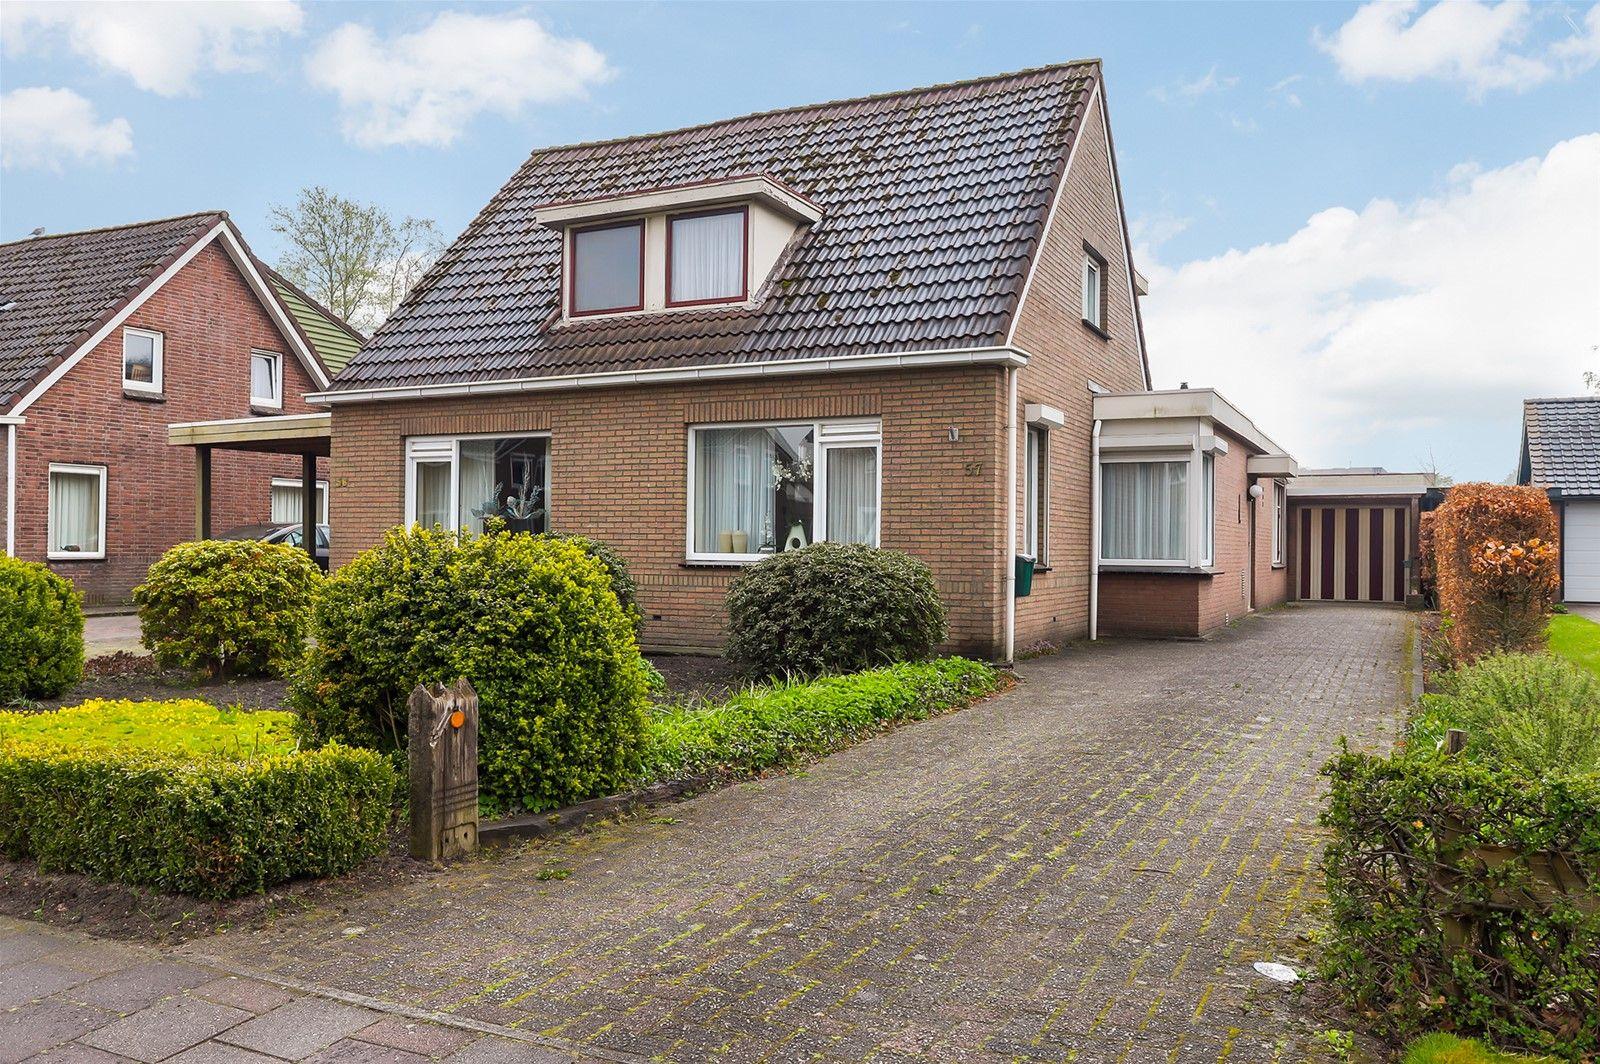 Jhr. M.W.C. de Jongestraat 57, Klazienaveen